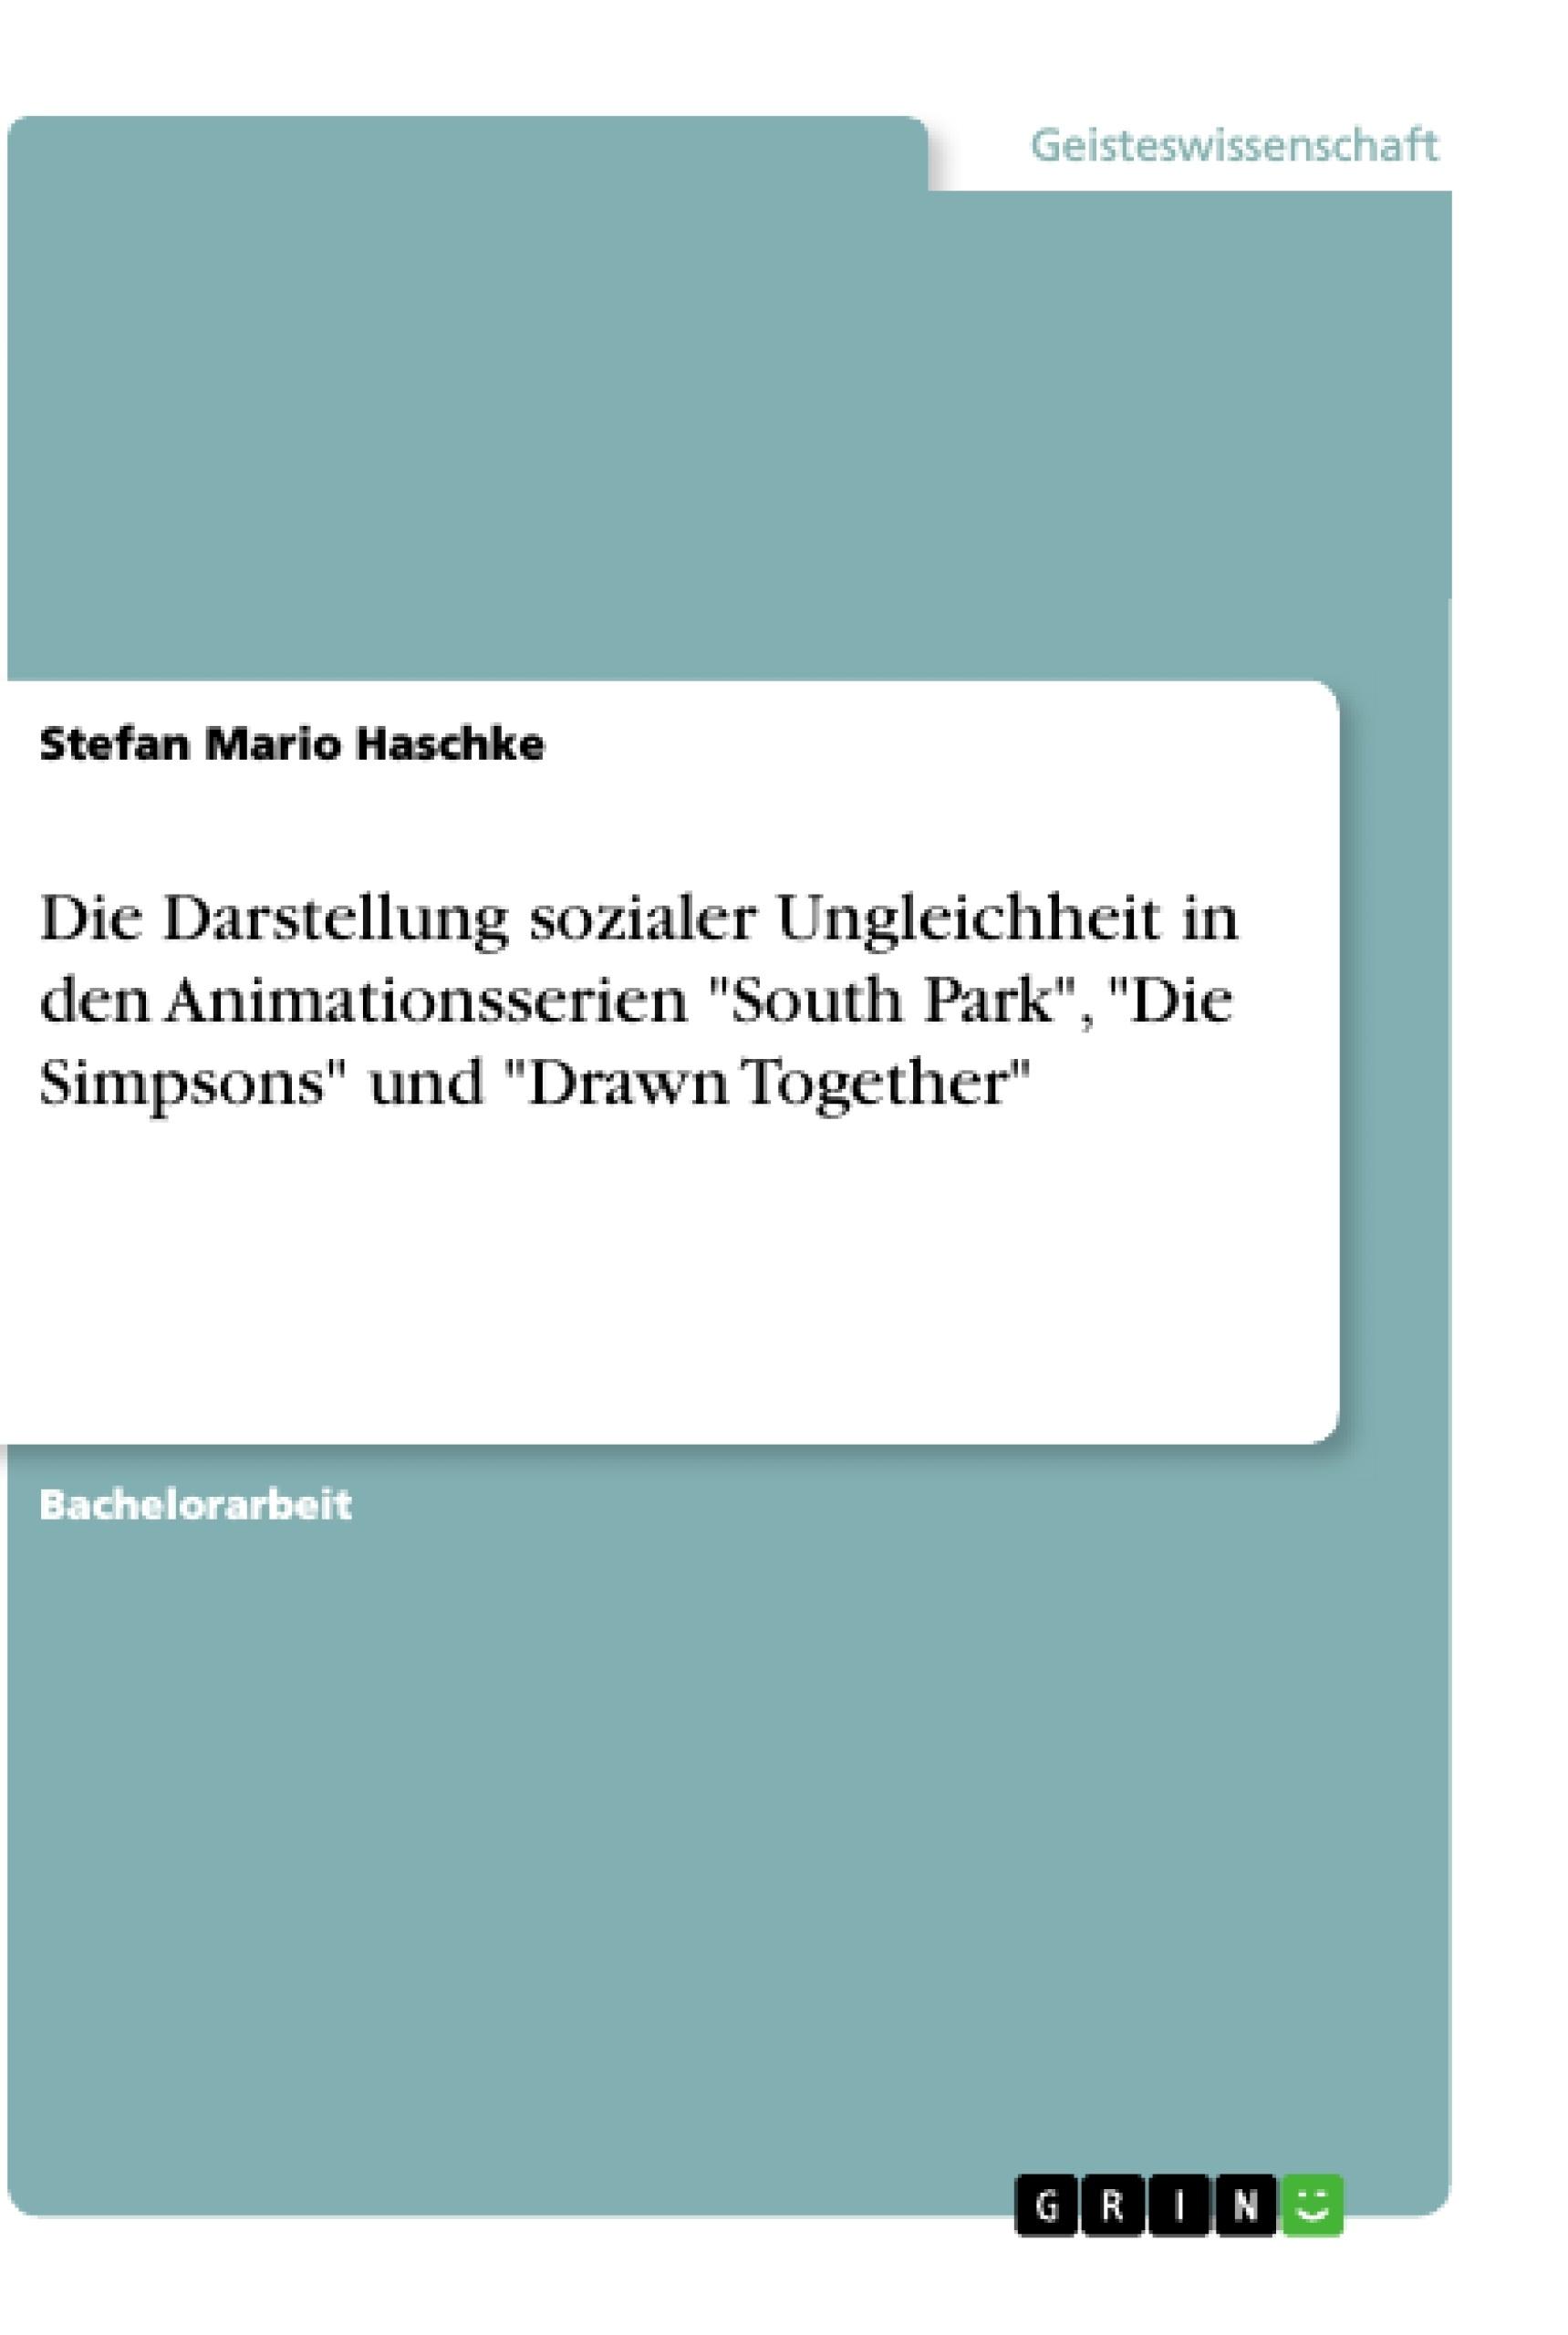 """Titel: Die Darstellung sozialer Ungleichheit in den Animationsserien """"South Park"""", """"Die Simpsons"""" und """"Drawn Together"""""""